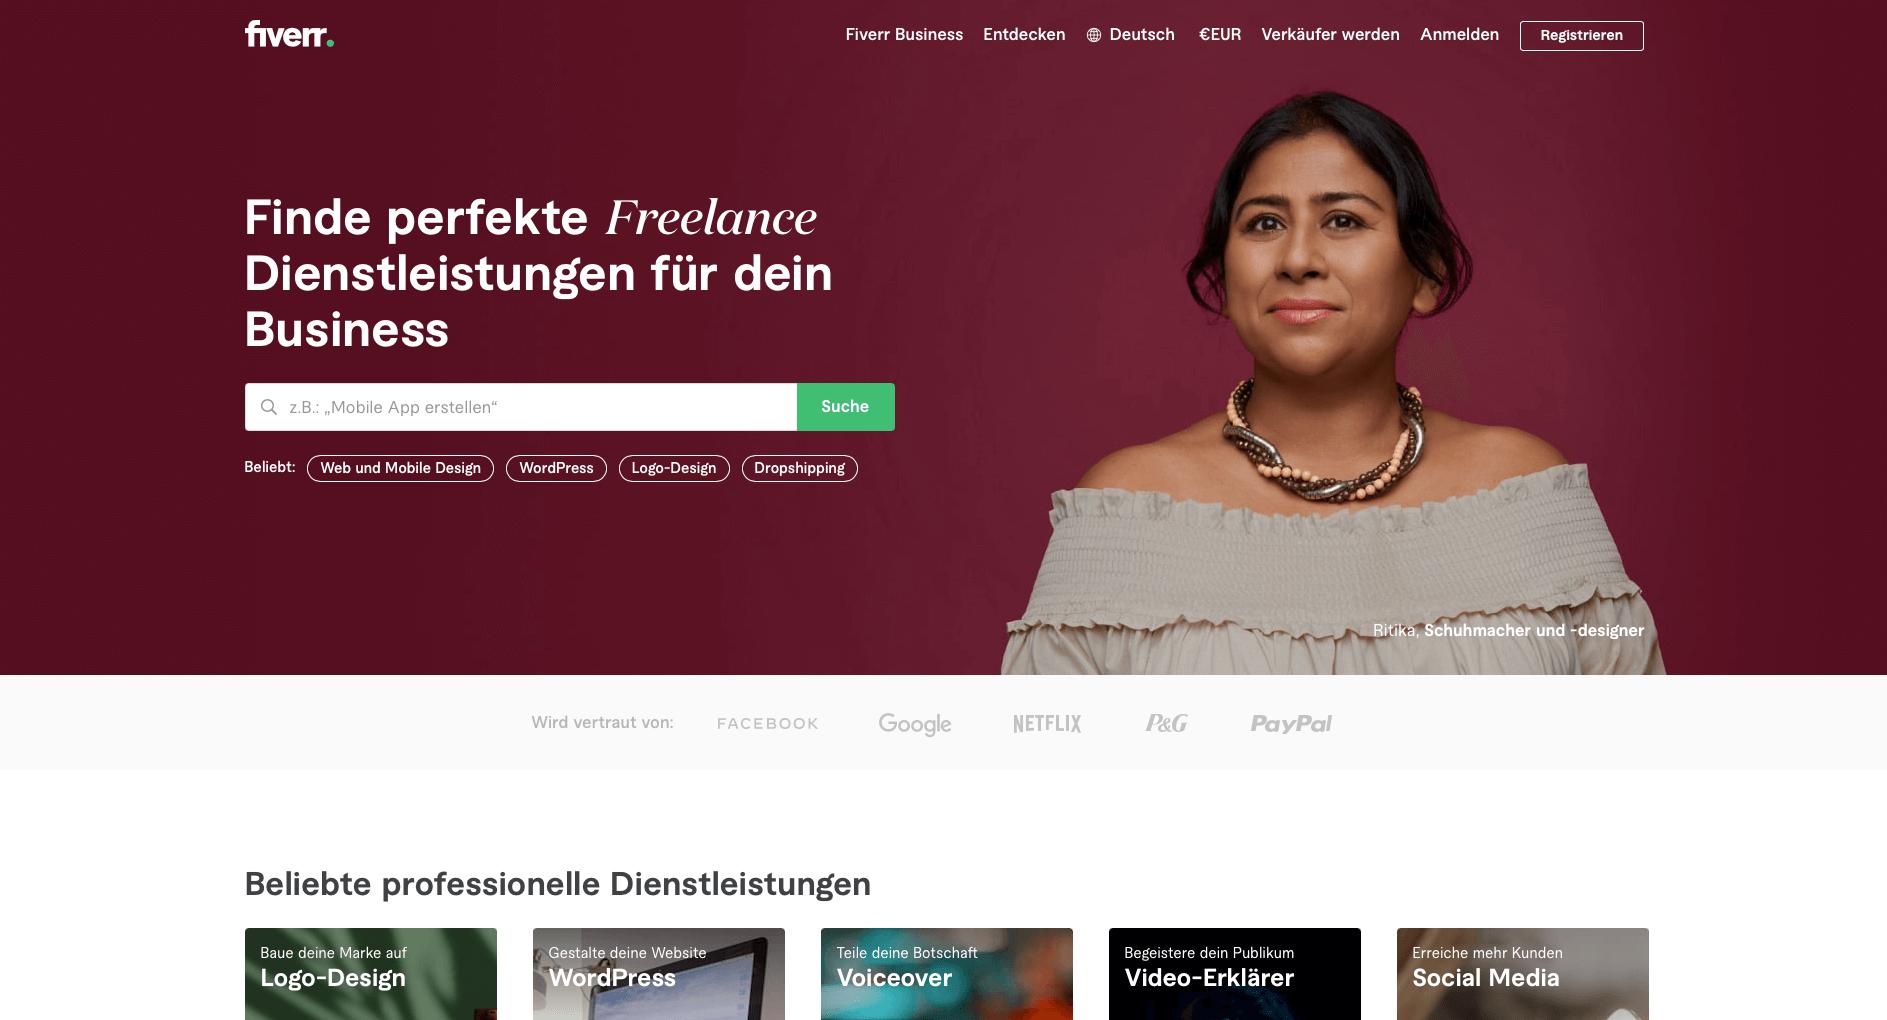 Mit Fiverr Geld verdienen - Der ultimative Guide